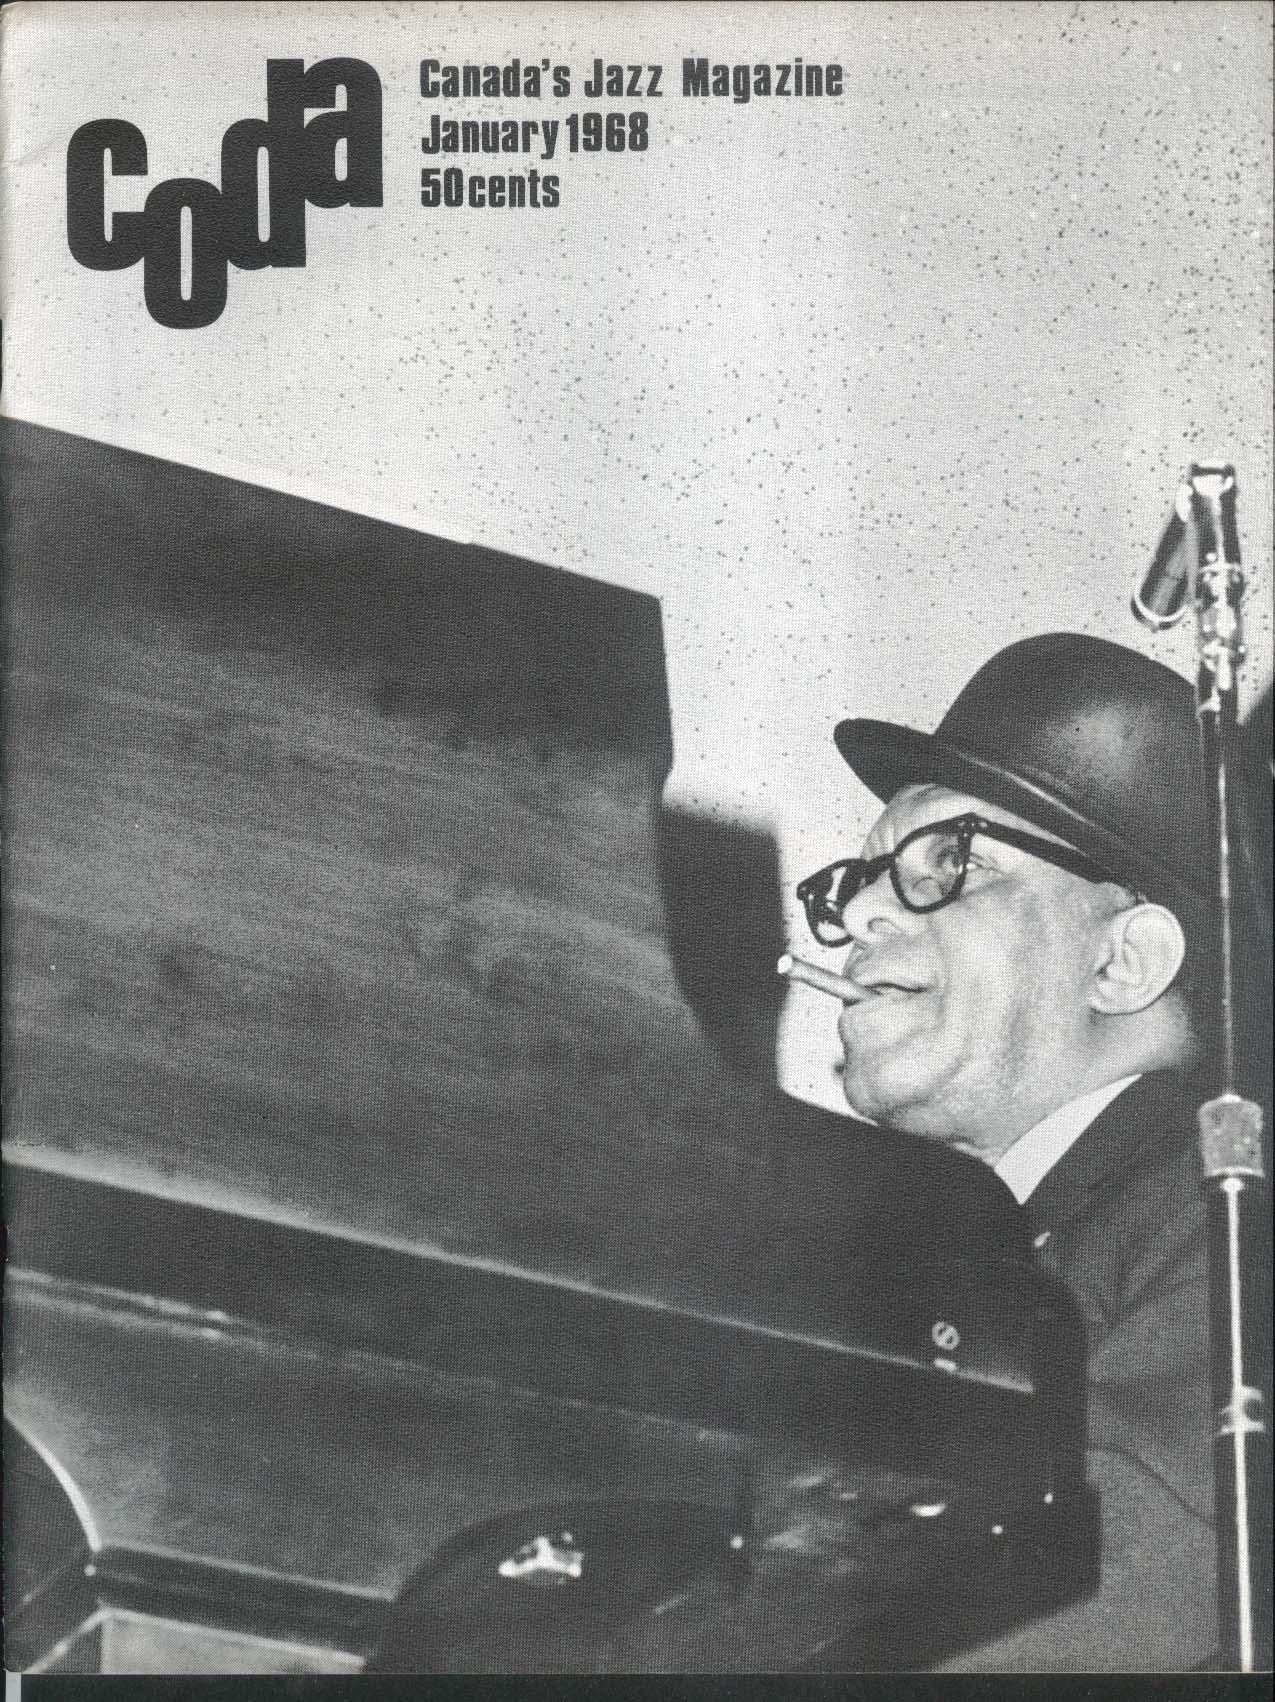 CODA Herman Chittison Tal Farlow Smugtown Stomper Don Ewell Norm Symonds 1 1968